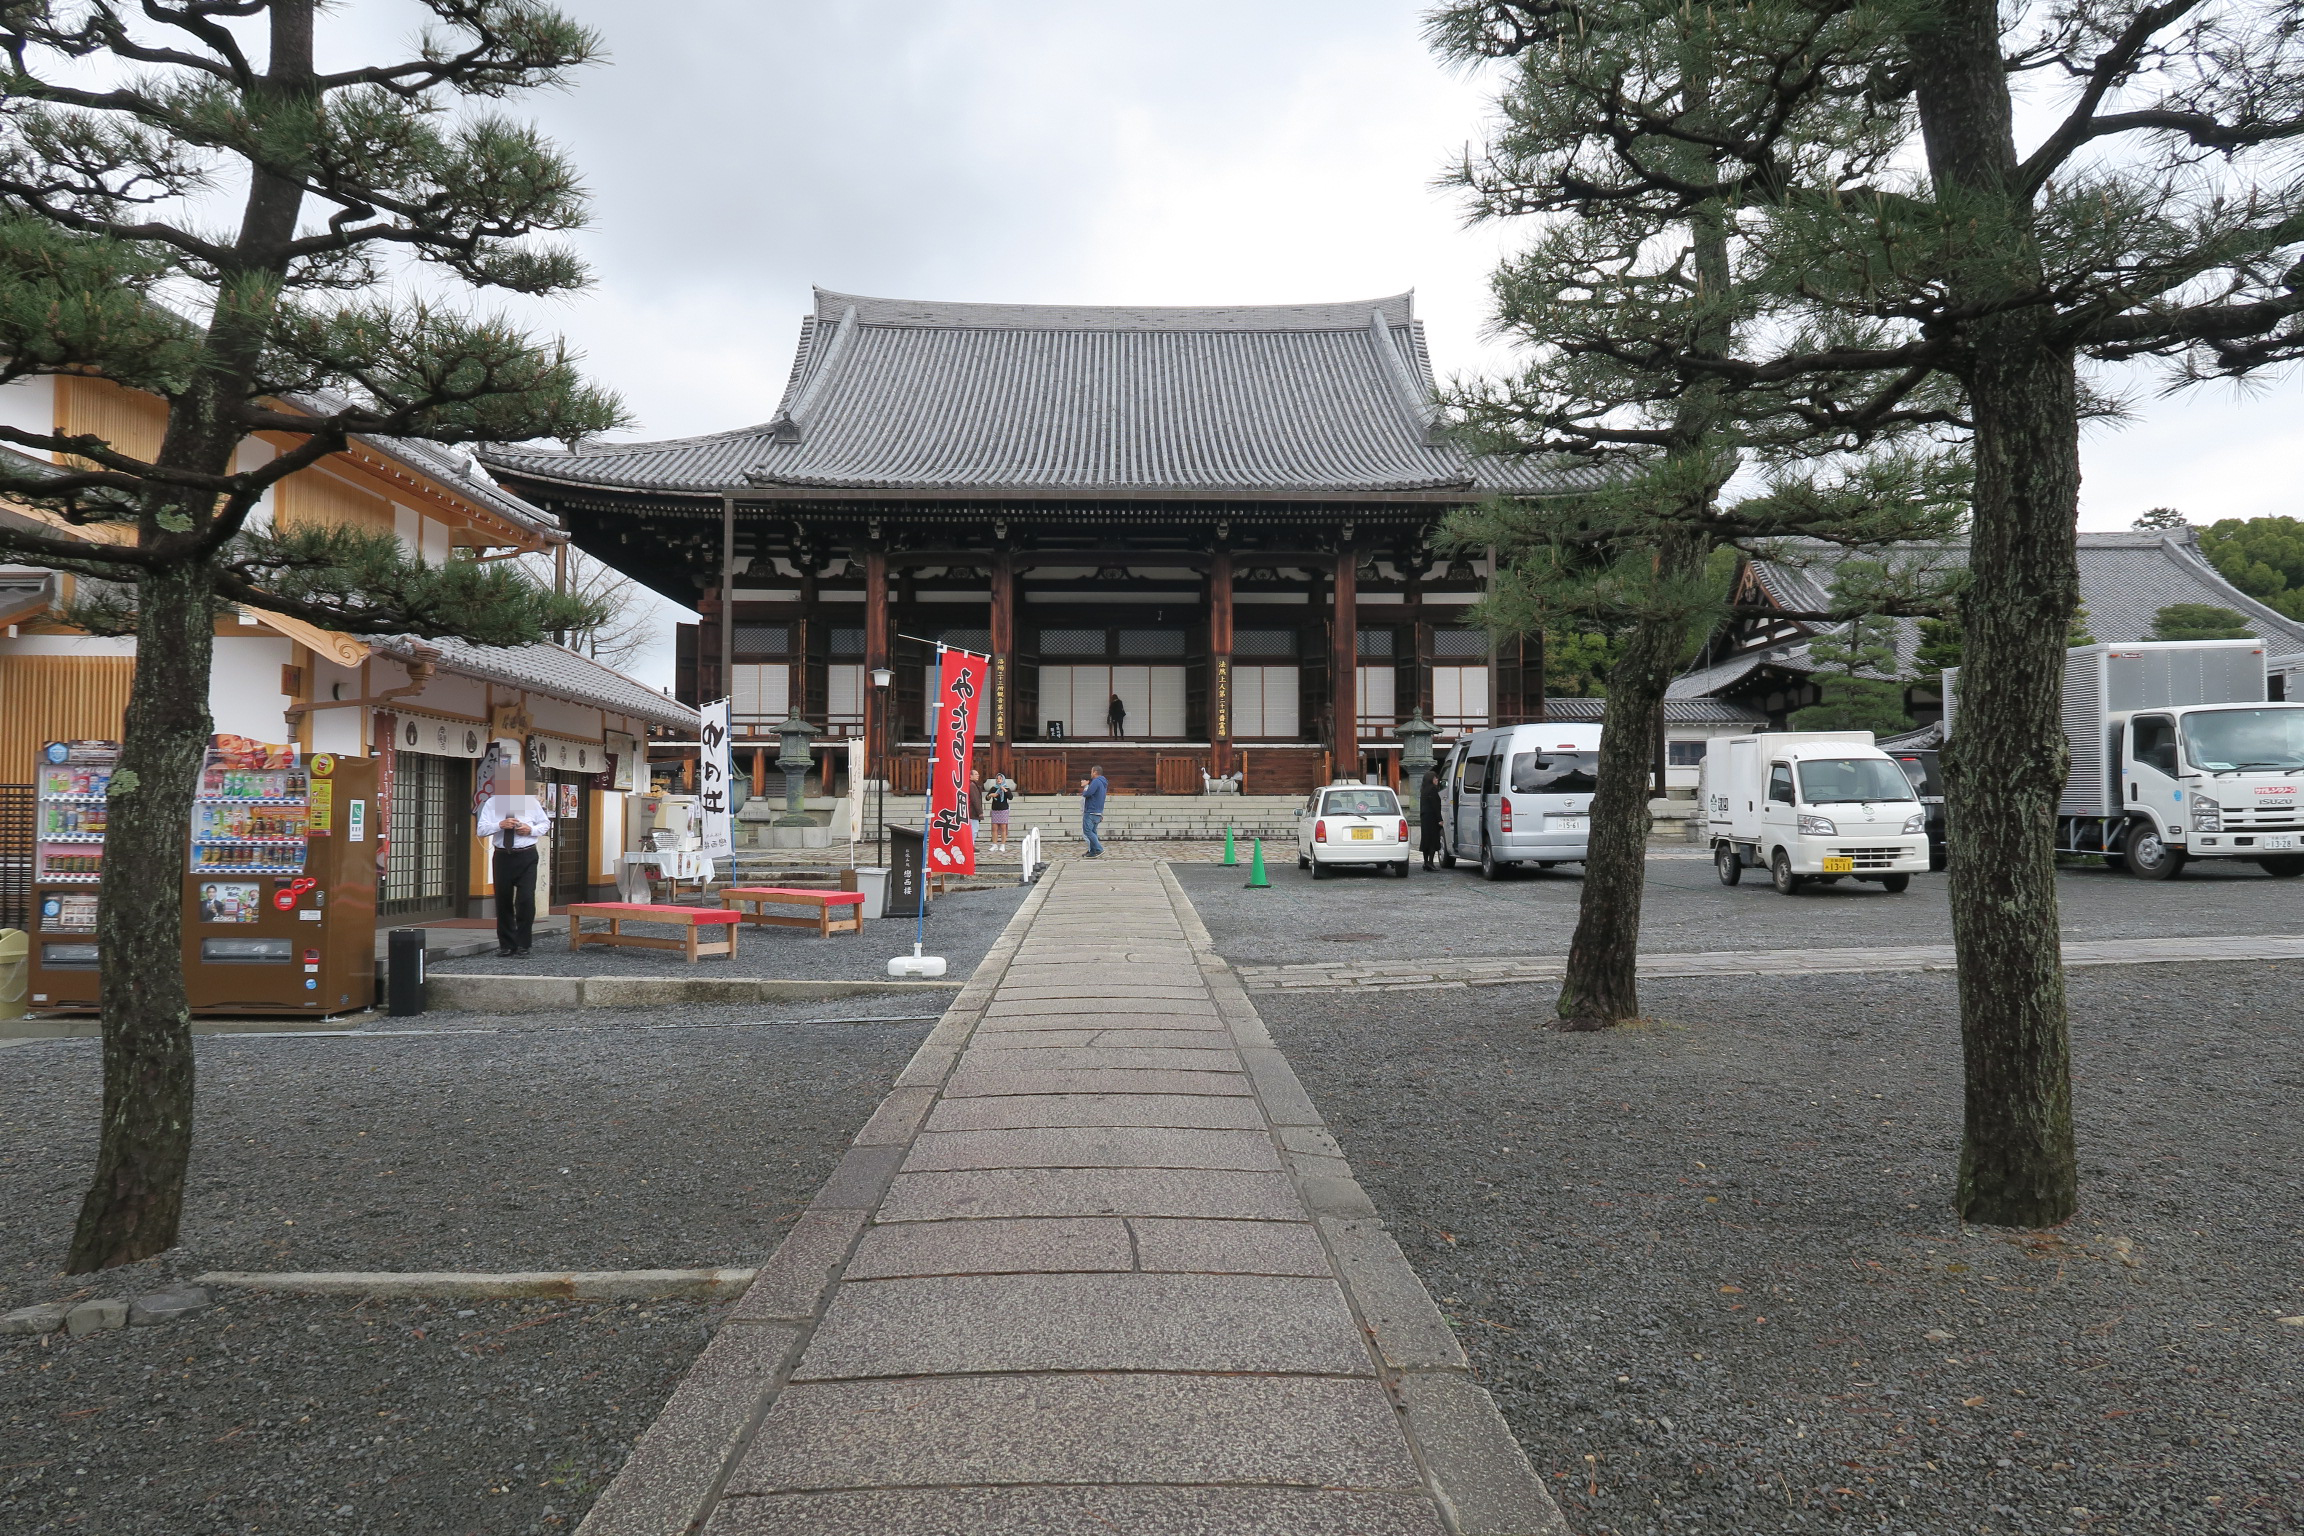 金戒光明寺の御影堂。昭和19年に再建され、堂内の光線や音響にも考慮し、模範建築物になっています。